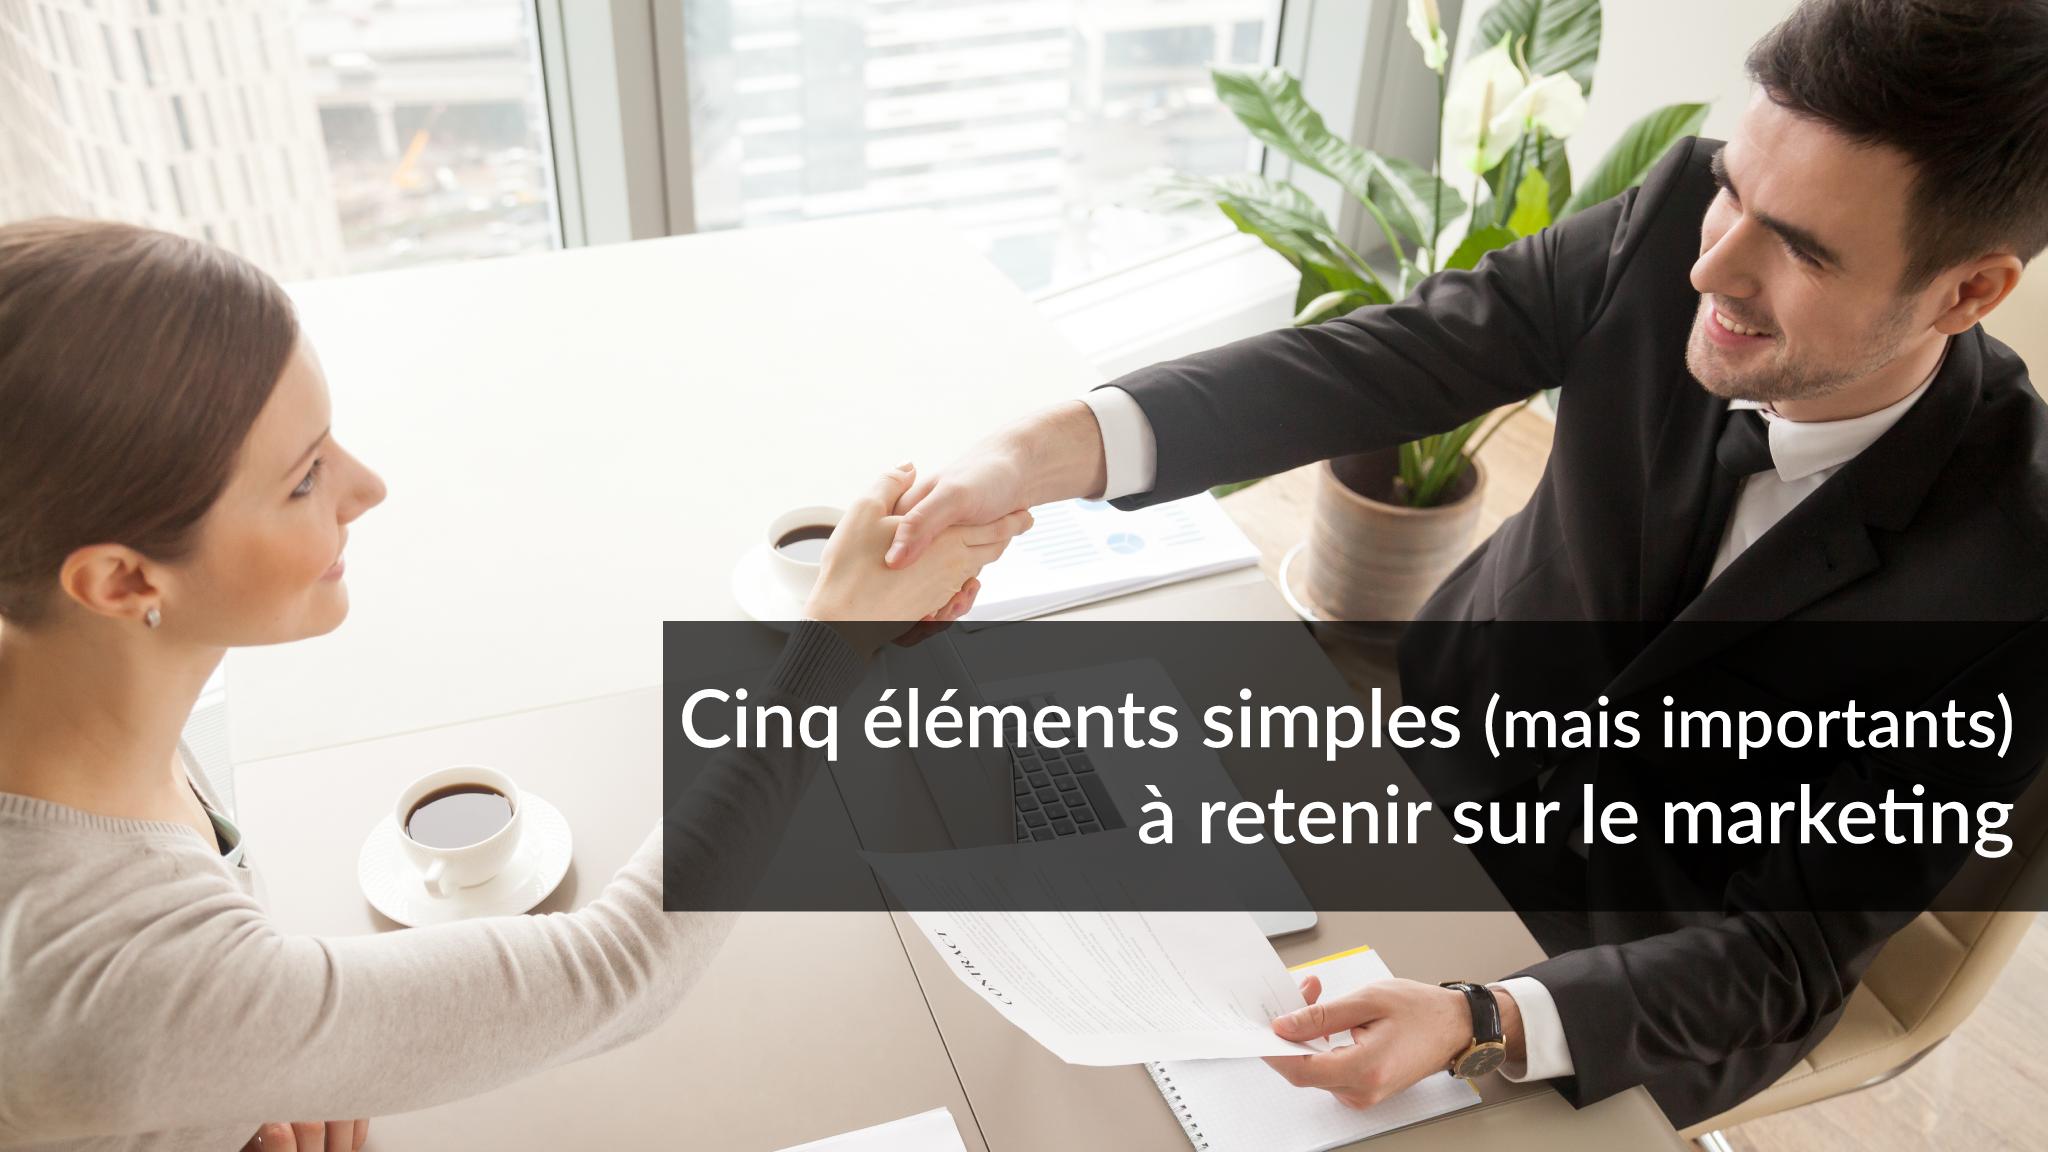 Cinq éléments simples (mais importants) à retenir sur le marketing | Studio Grafik